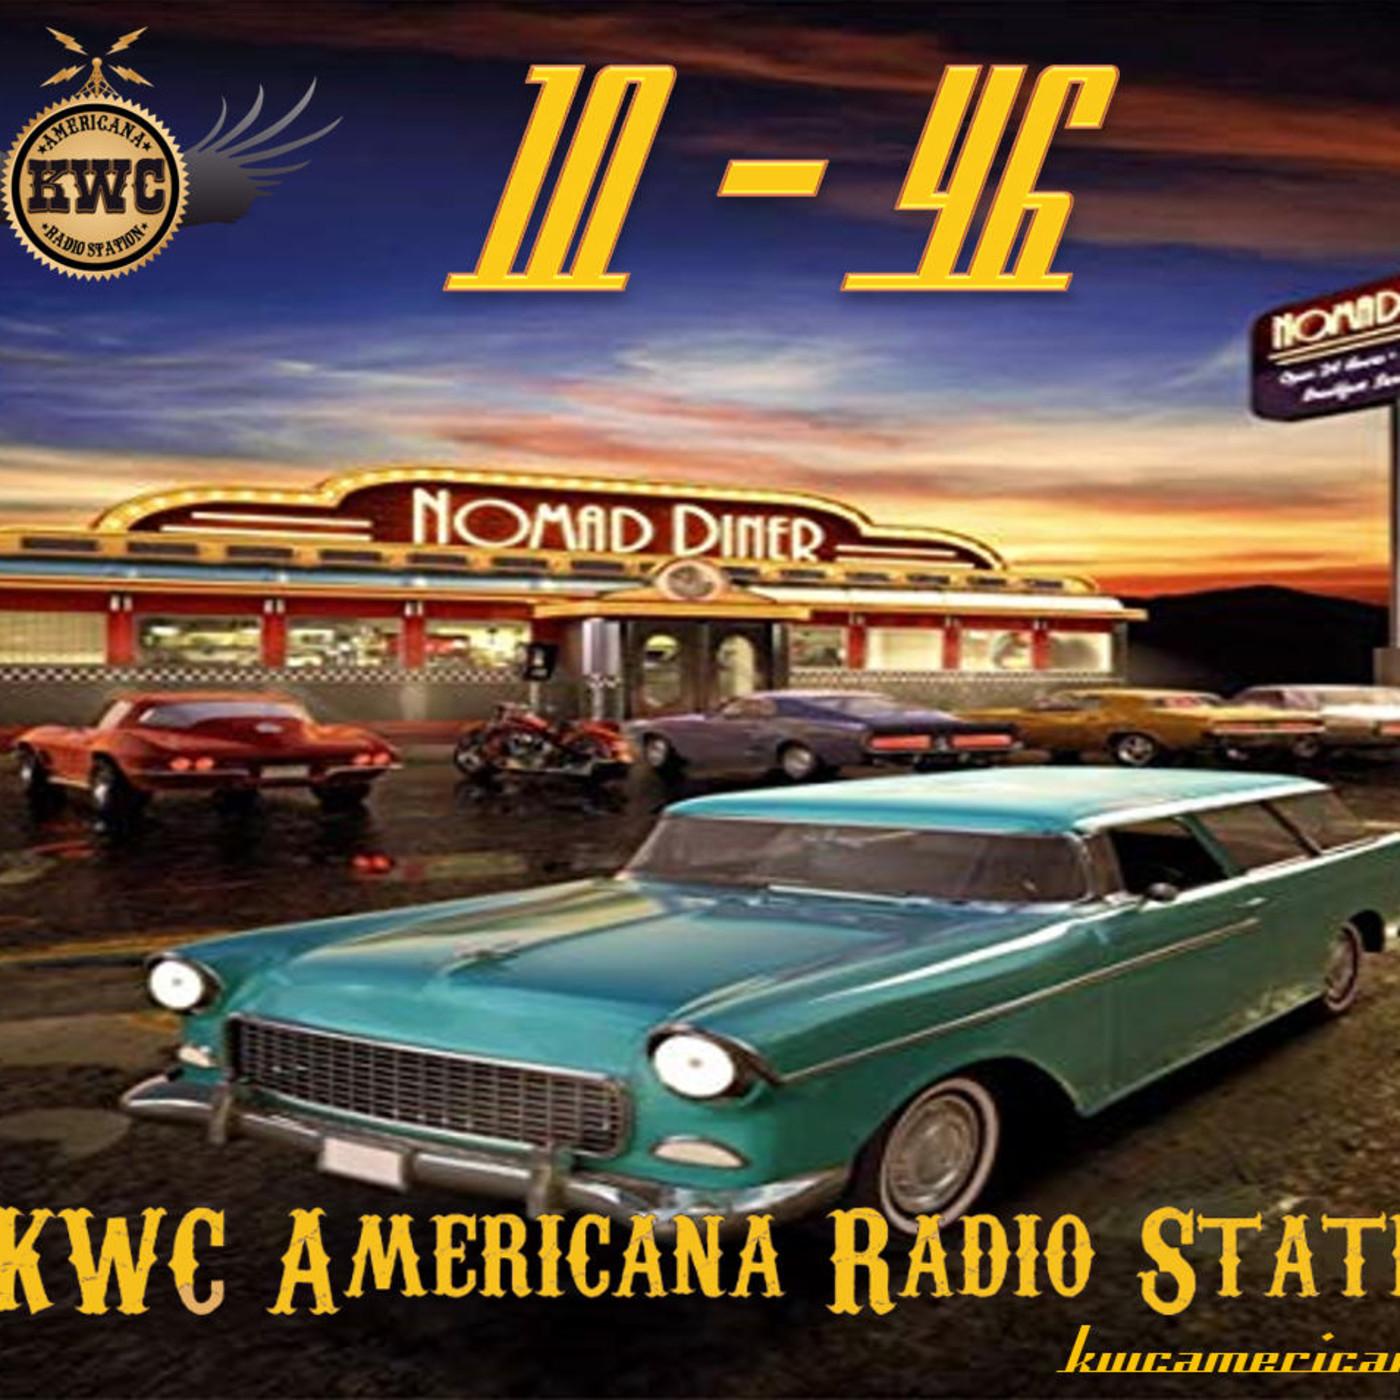 Kwc - 10-46 - 294 - 2020-10-19